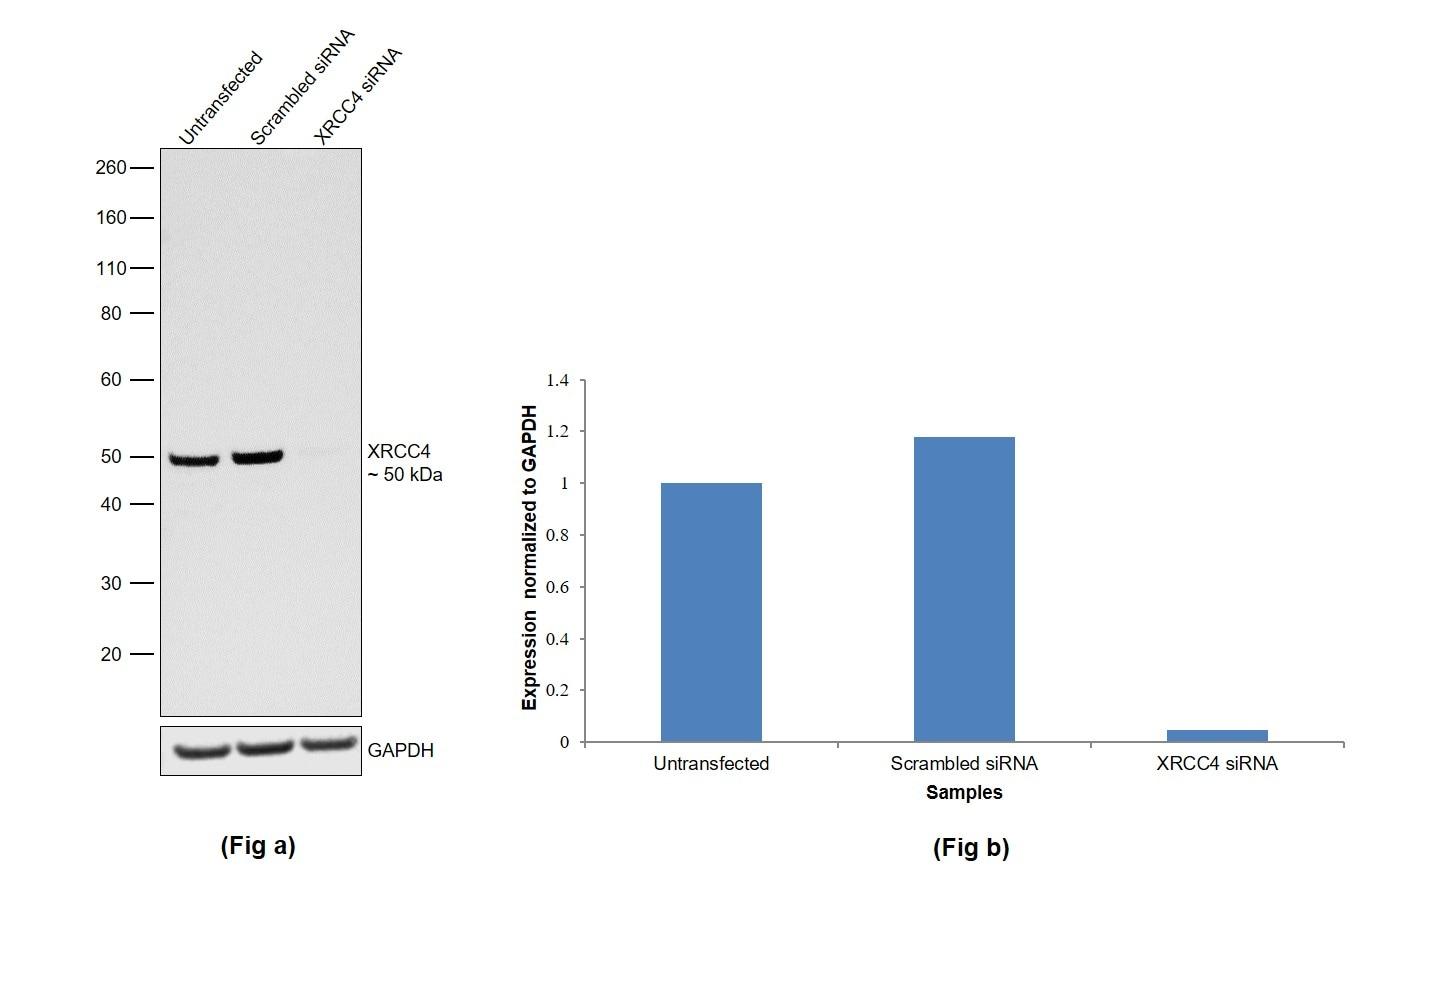 XRCC4 Antibody in Knockdown